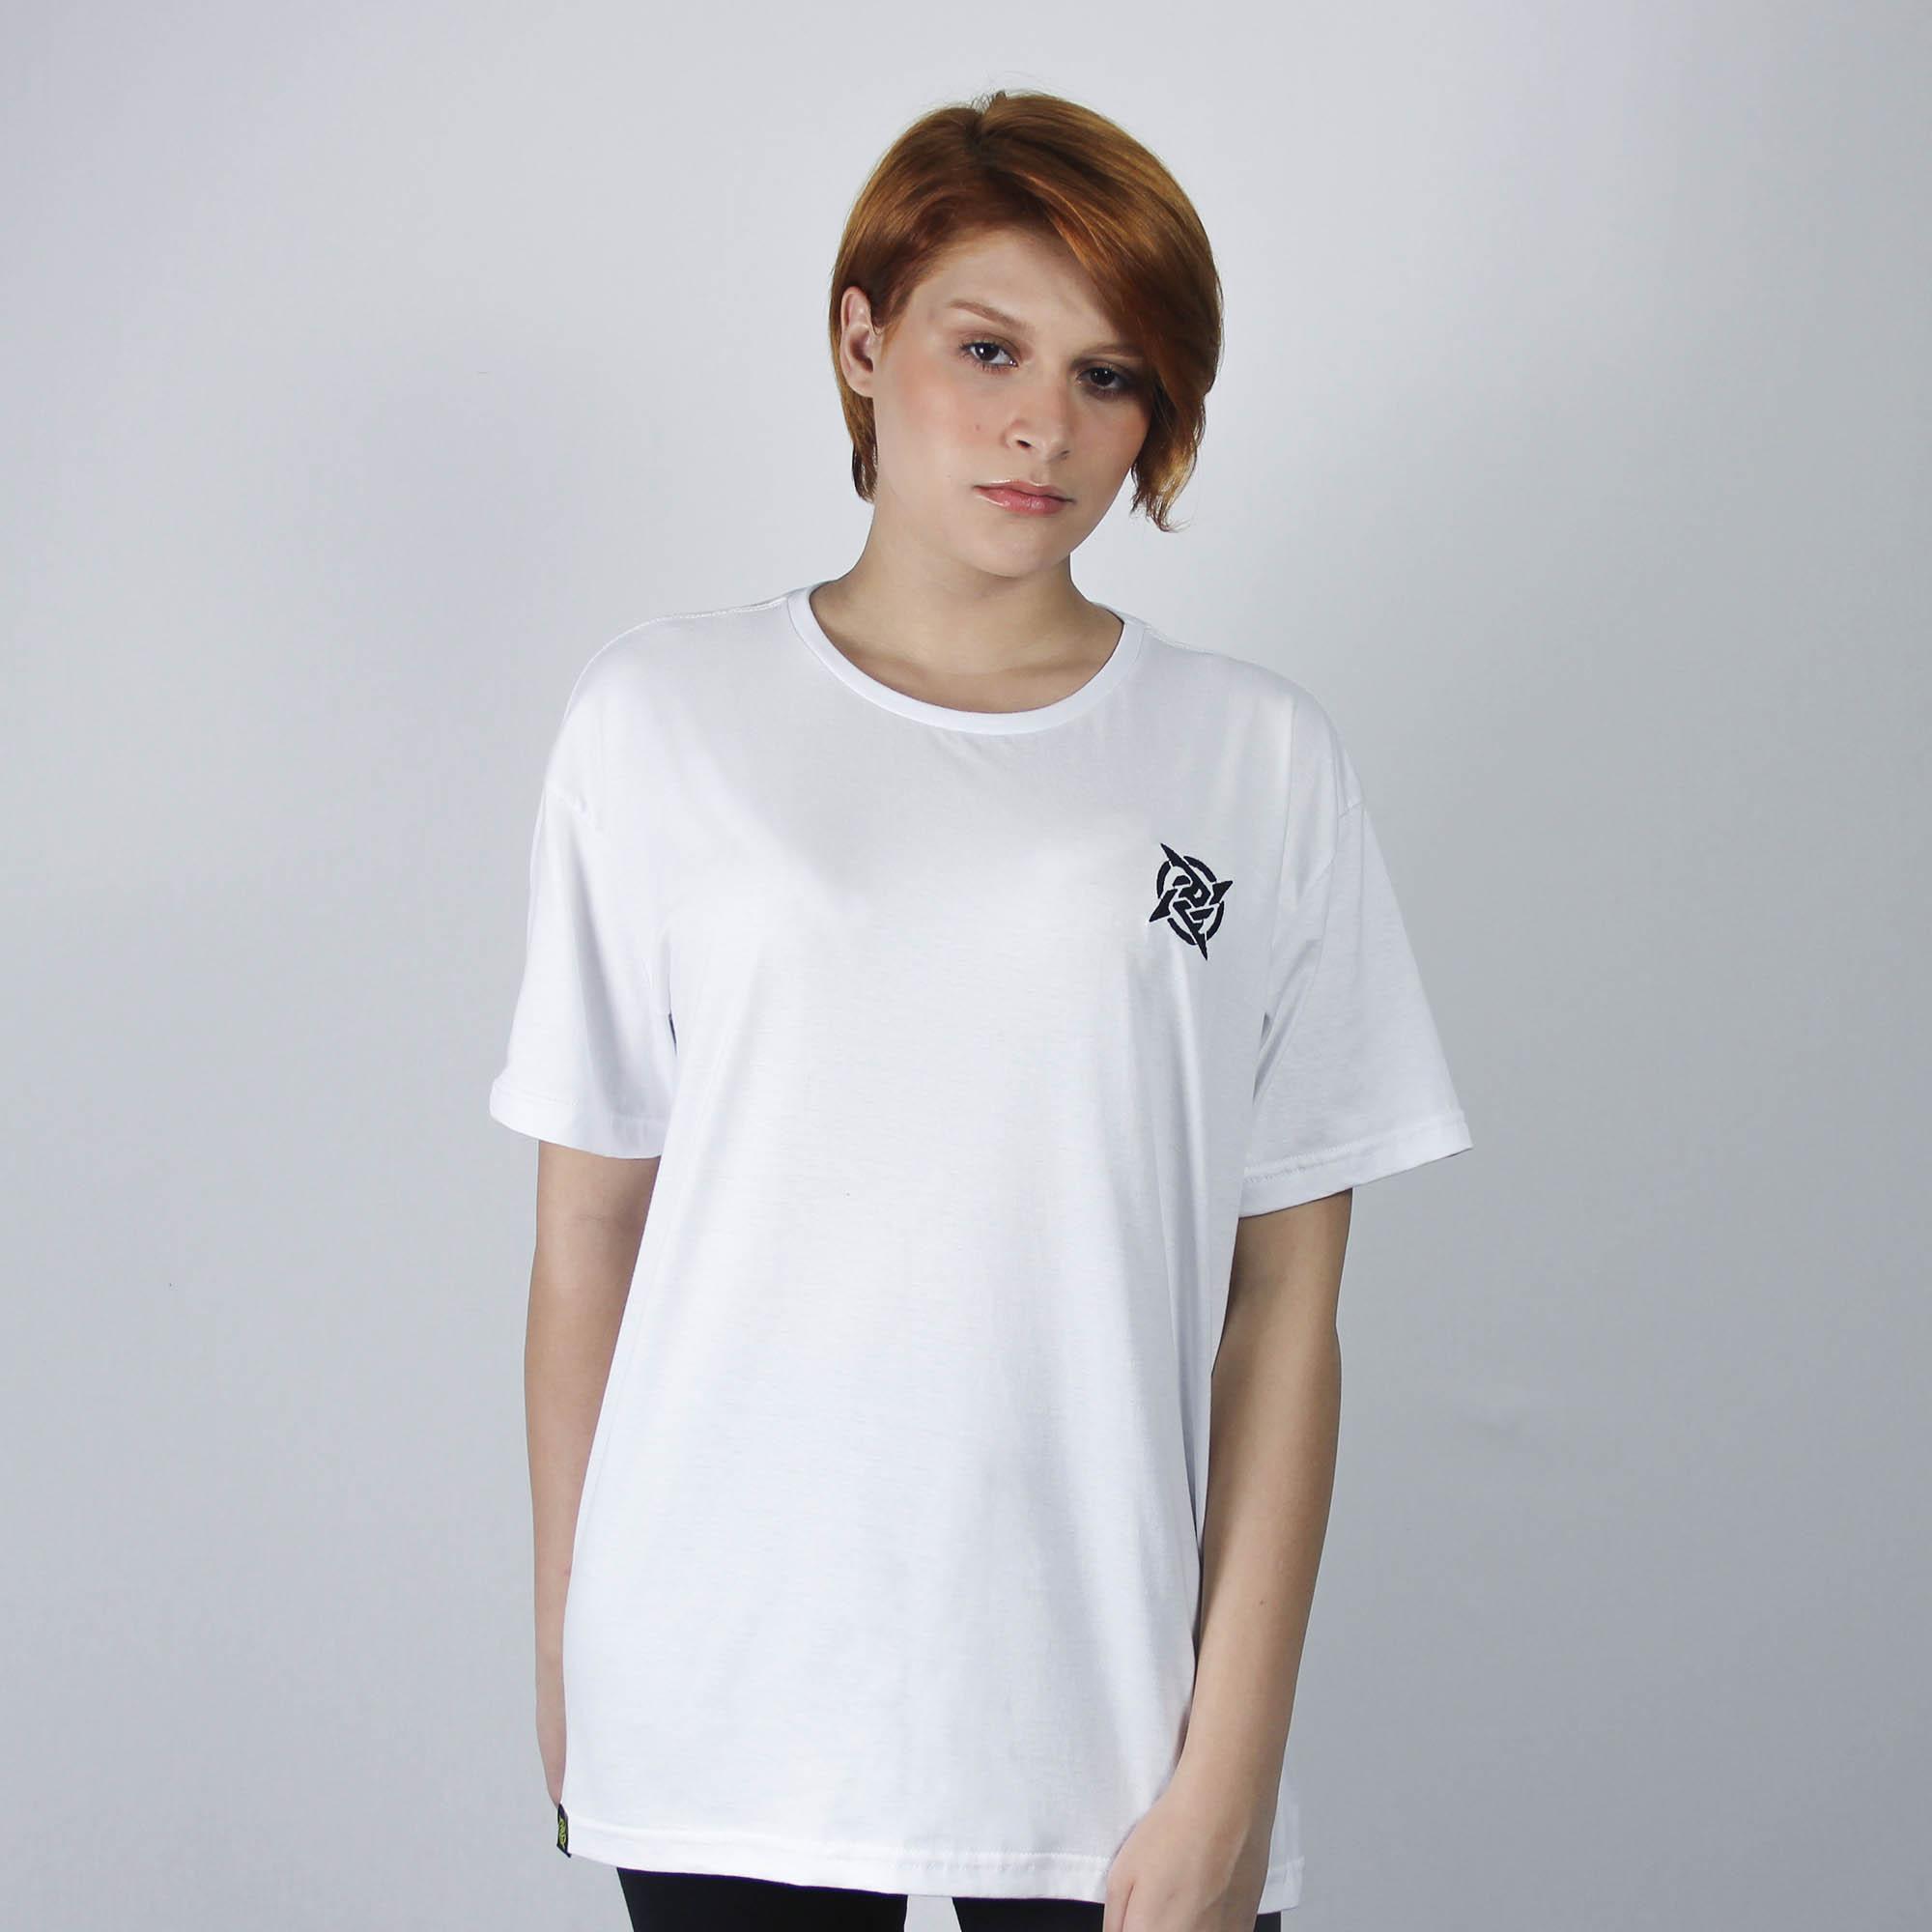 Camiseta Lagom NIP Oficial 2021 Branca